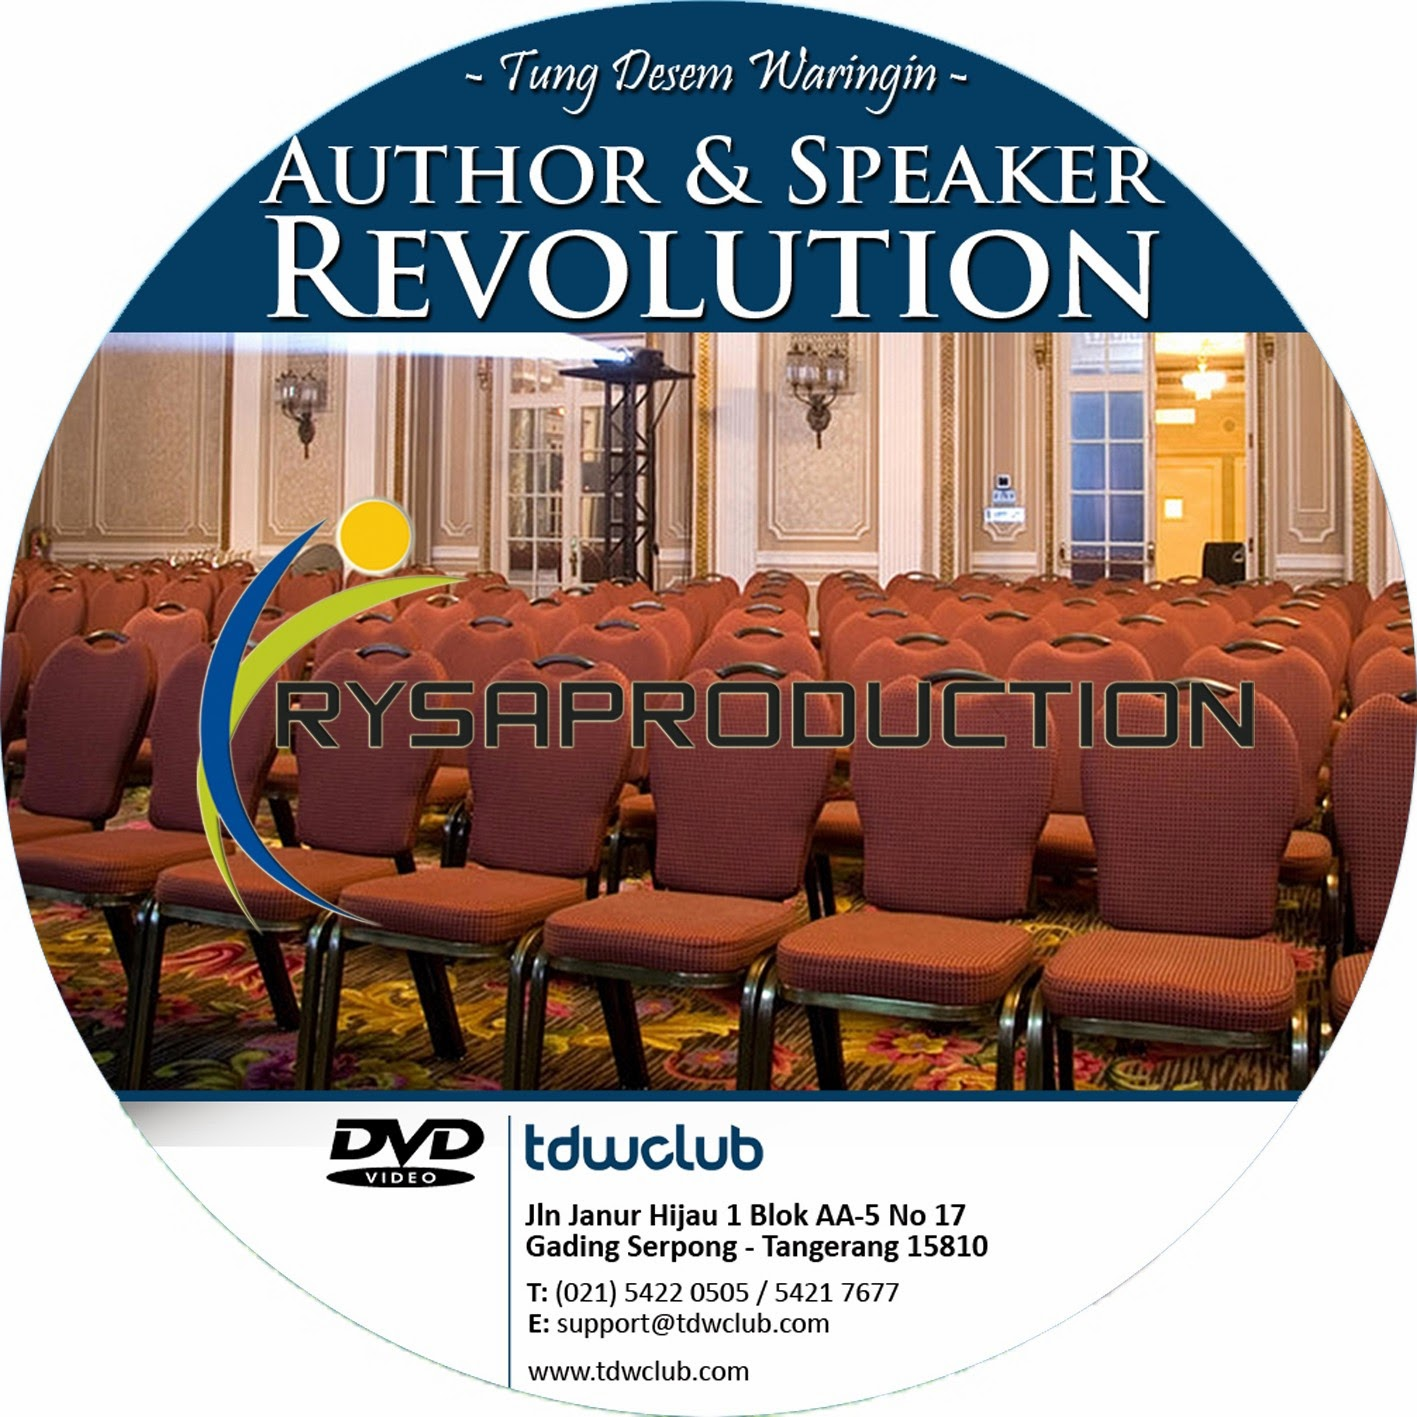 DVD TDW Club